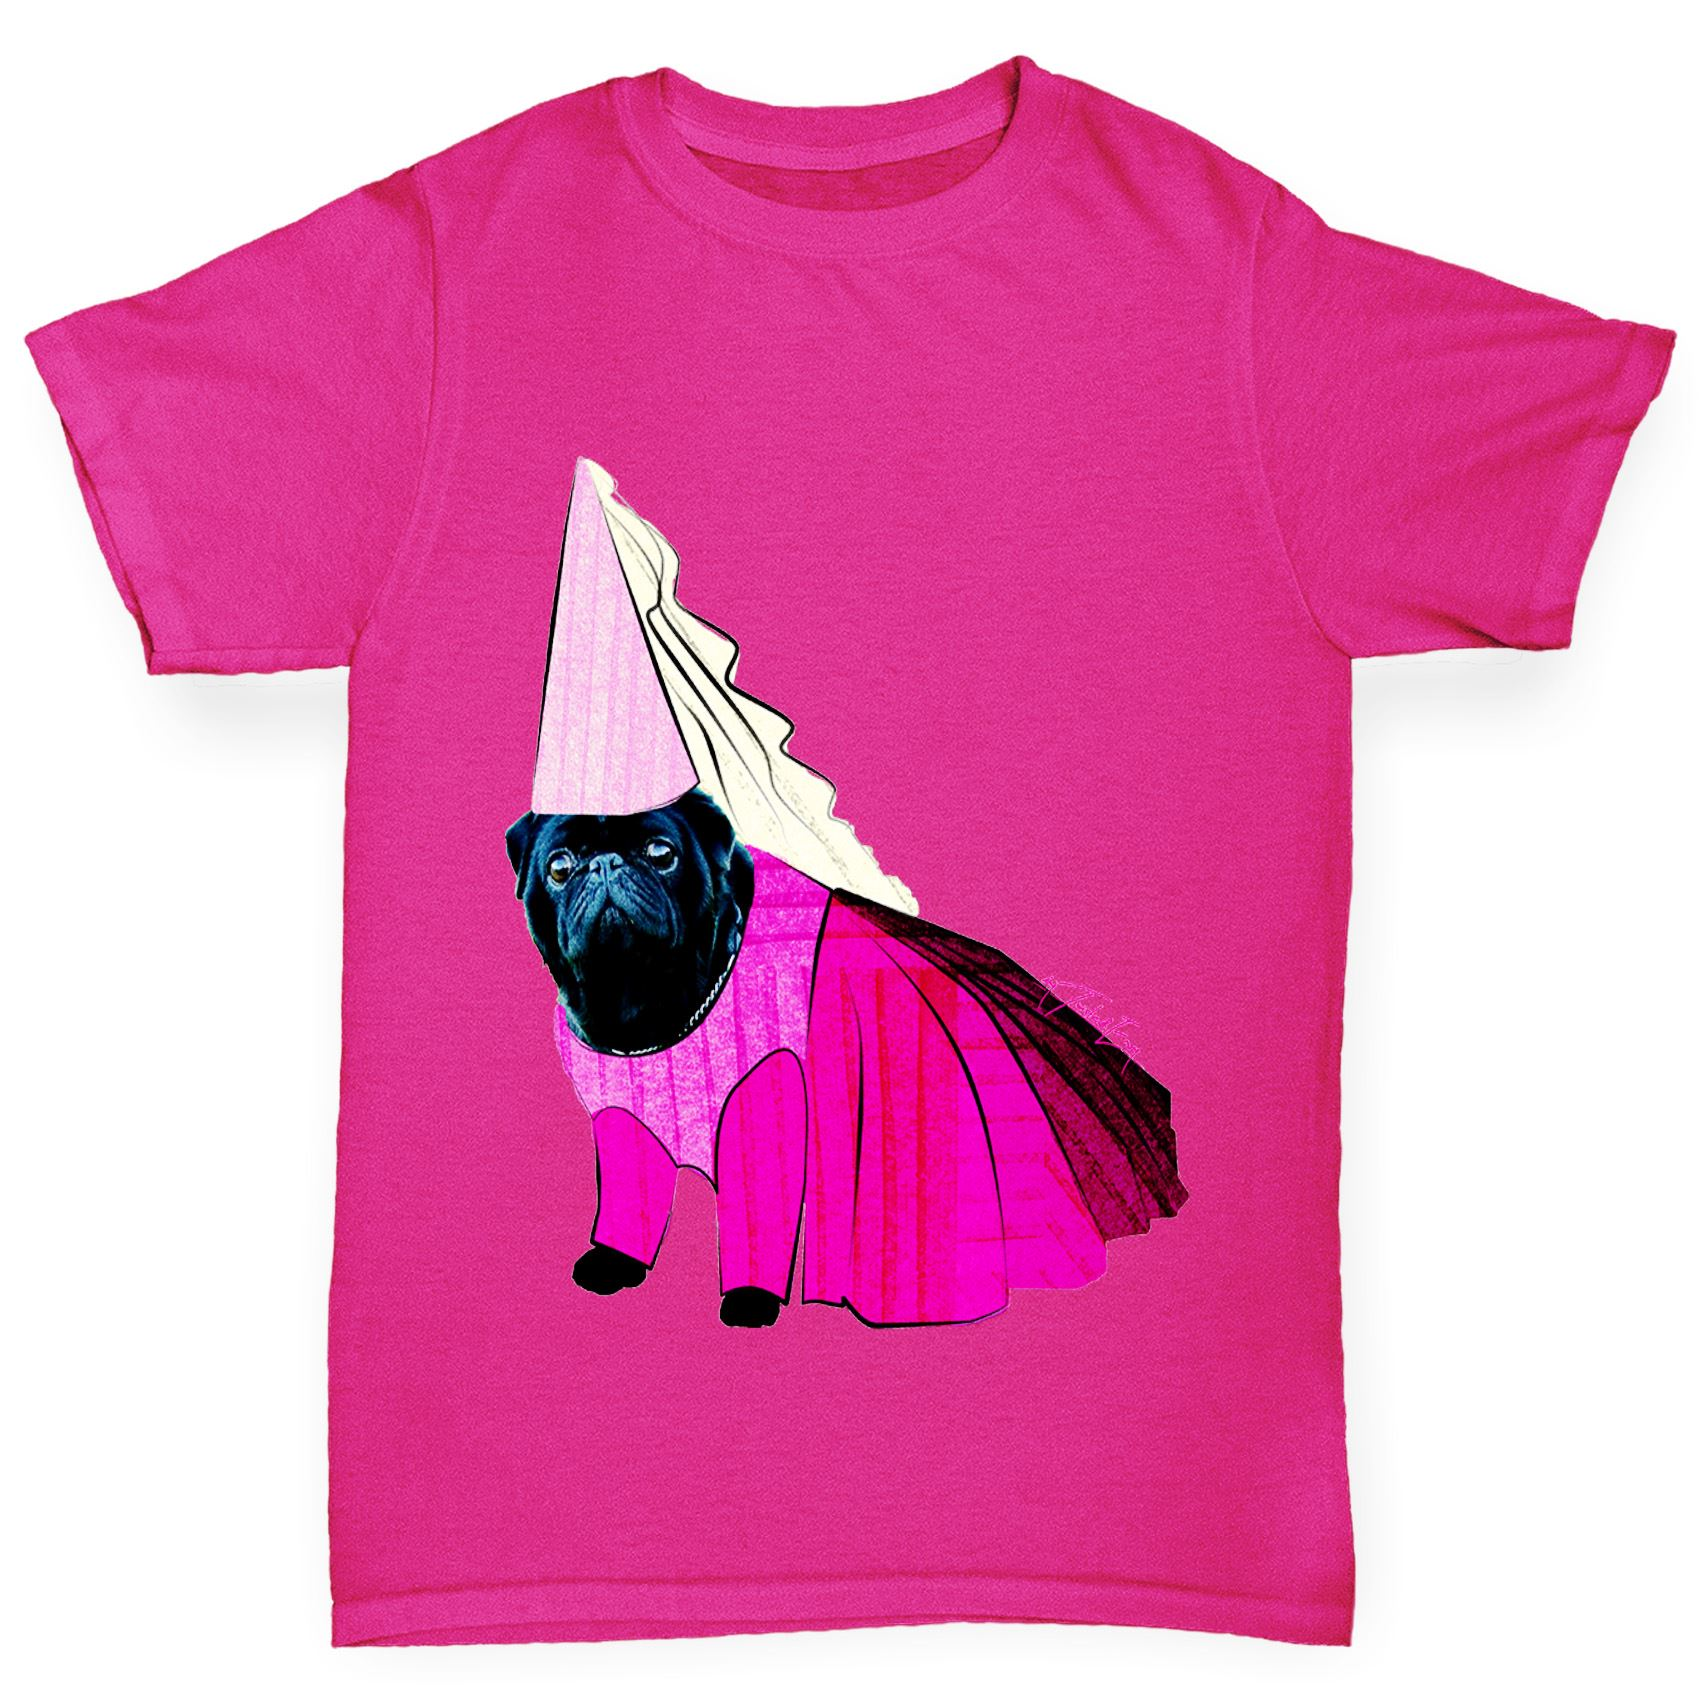 Twisted Envy Women/'s Love Paris Landmarks 100/% Cotton T-Shirt